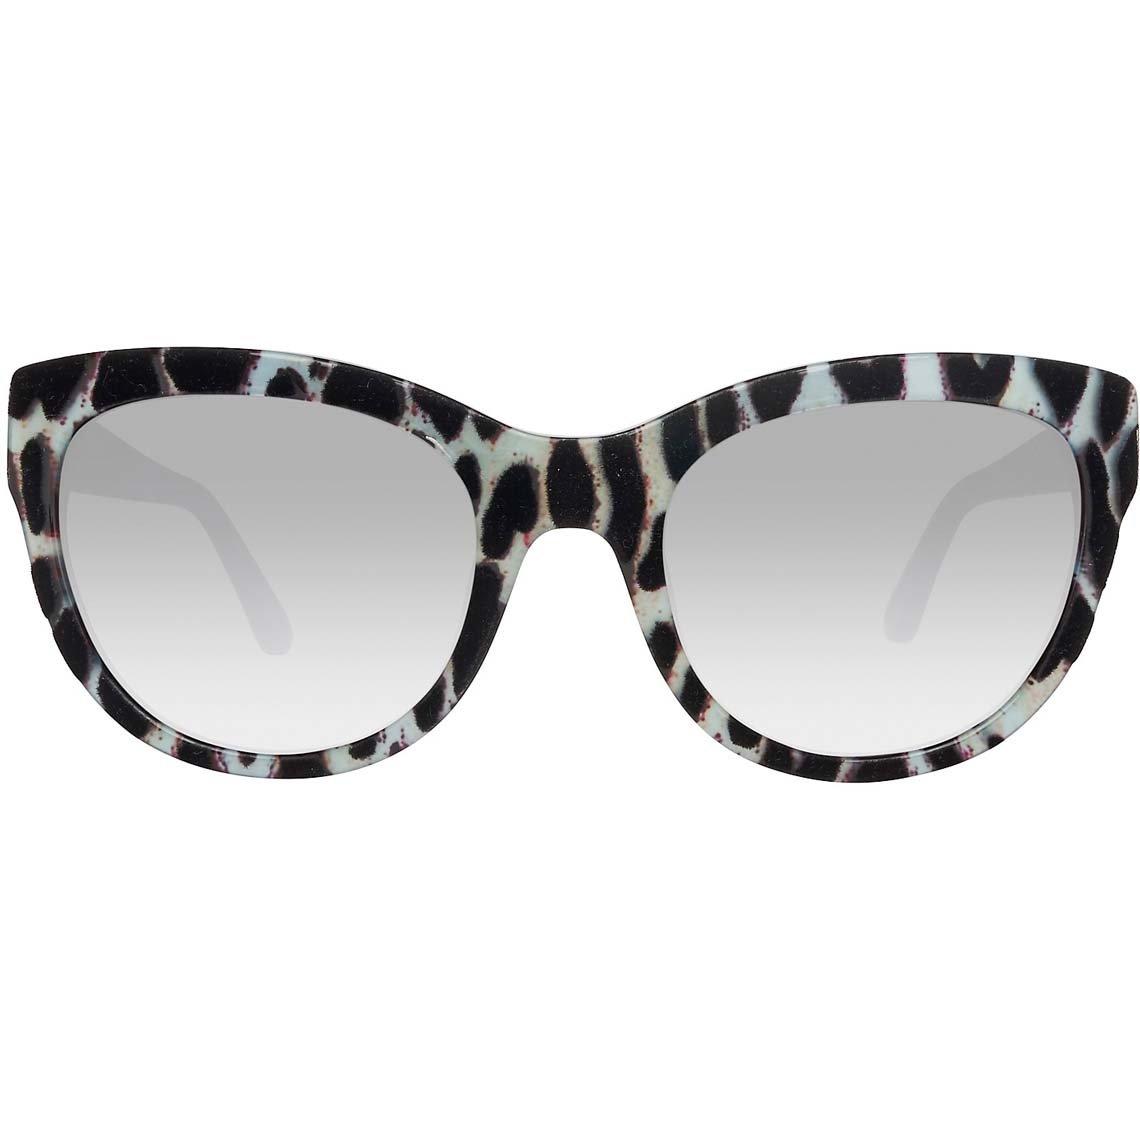 Guess Sonnenbrille 7429 (56 mm) himmelblau/dunkelbraun QnfIY